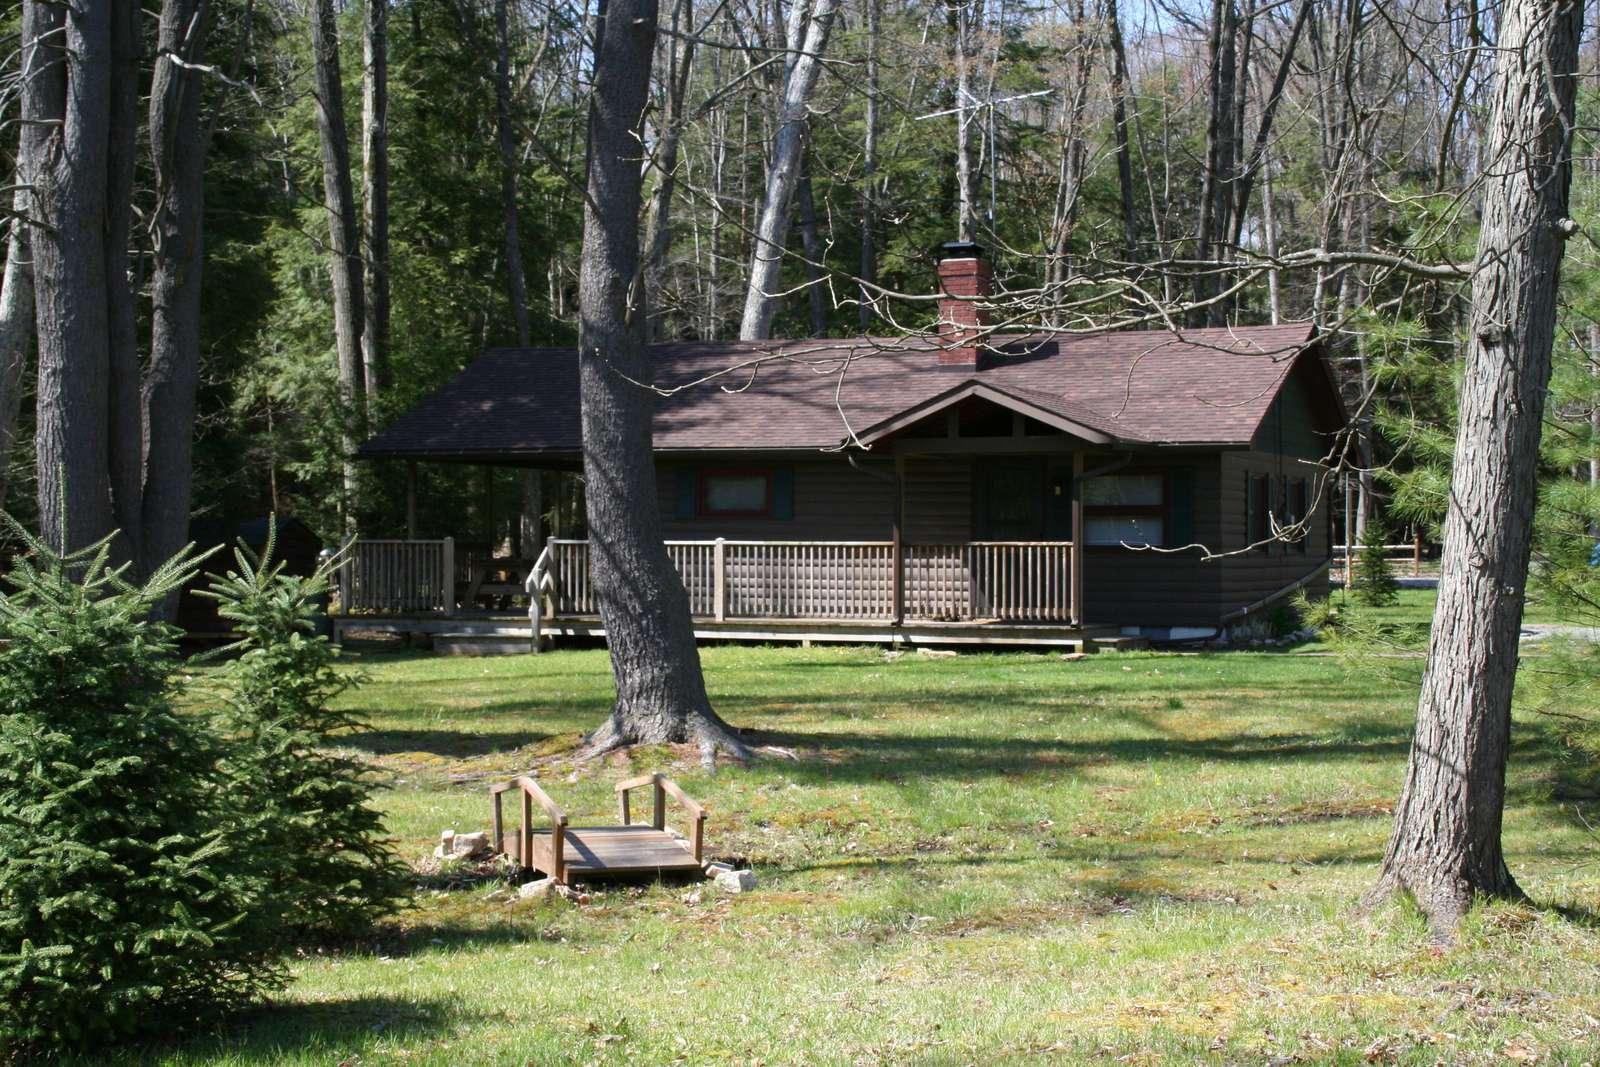 Side View of Buckeye Cabin